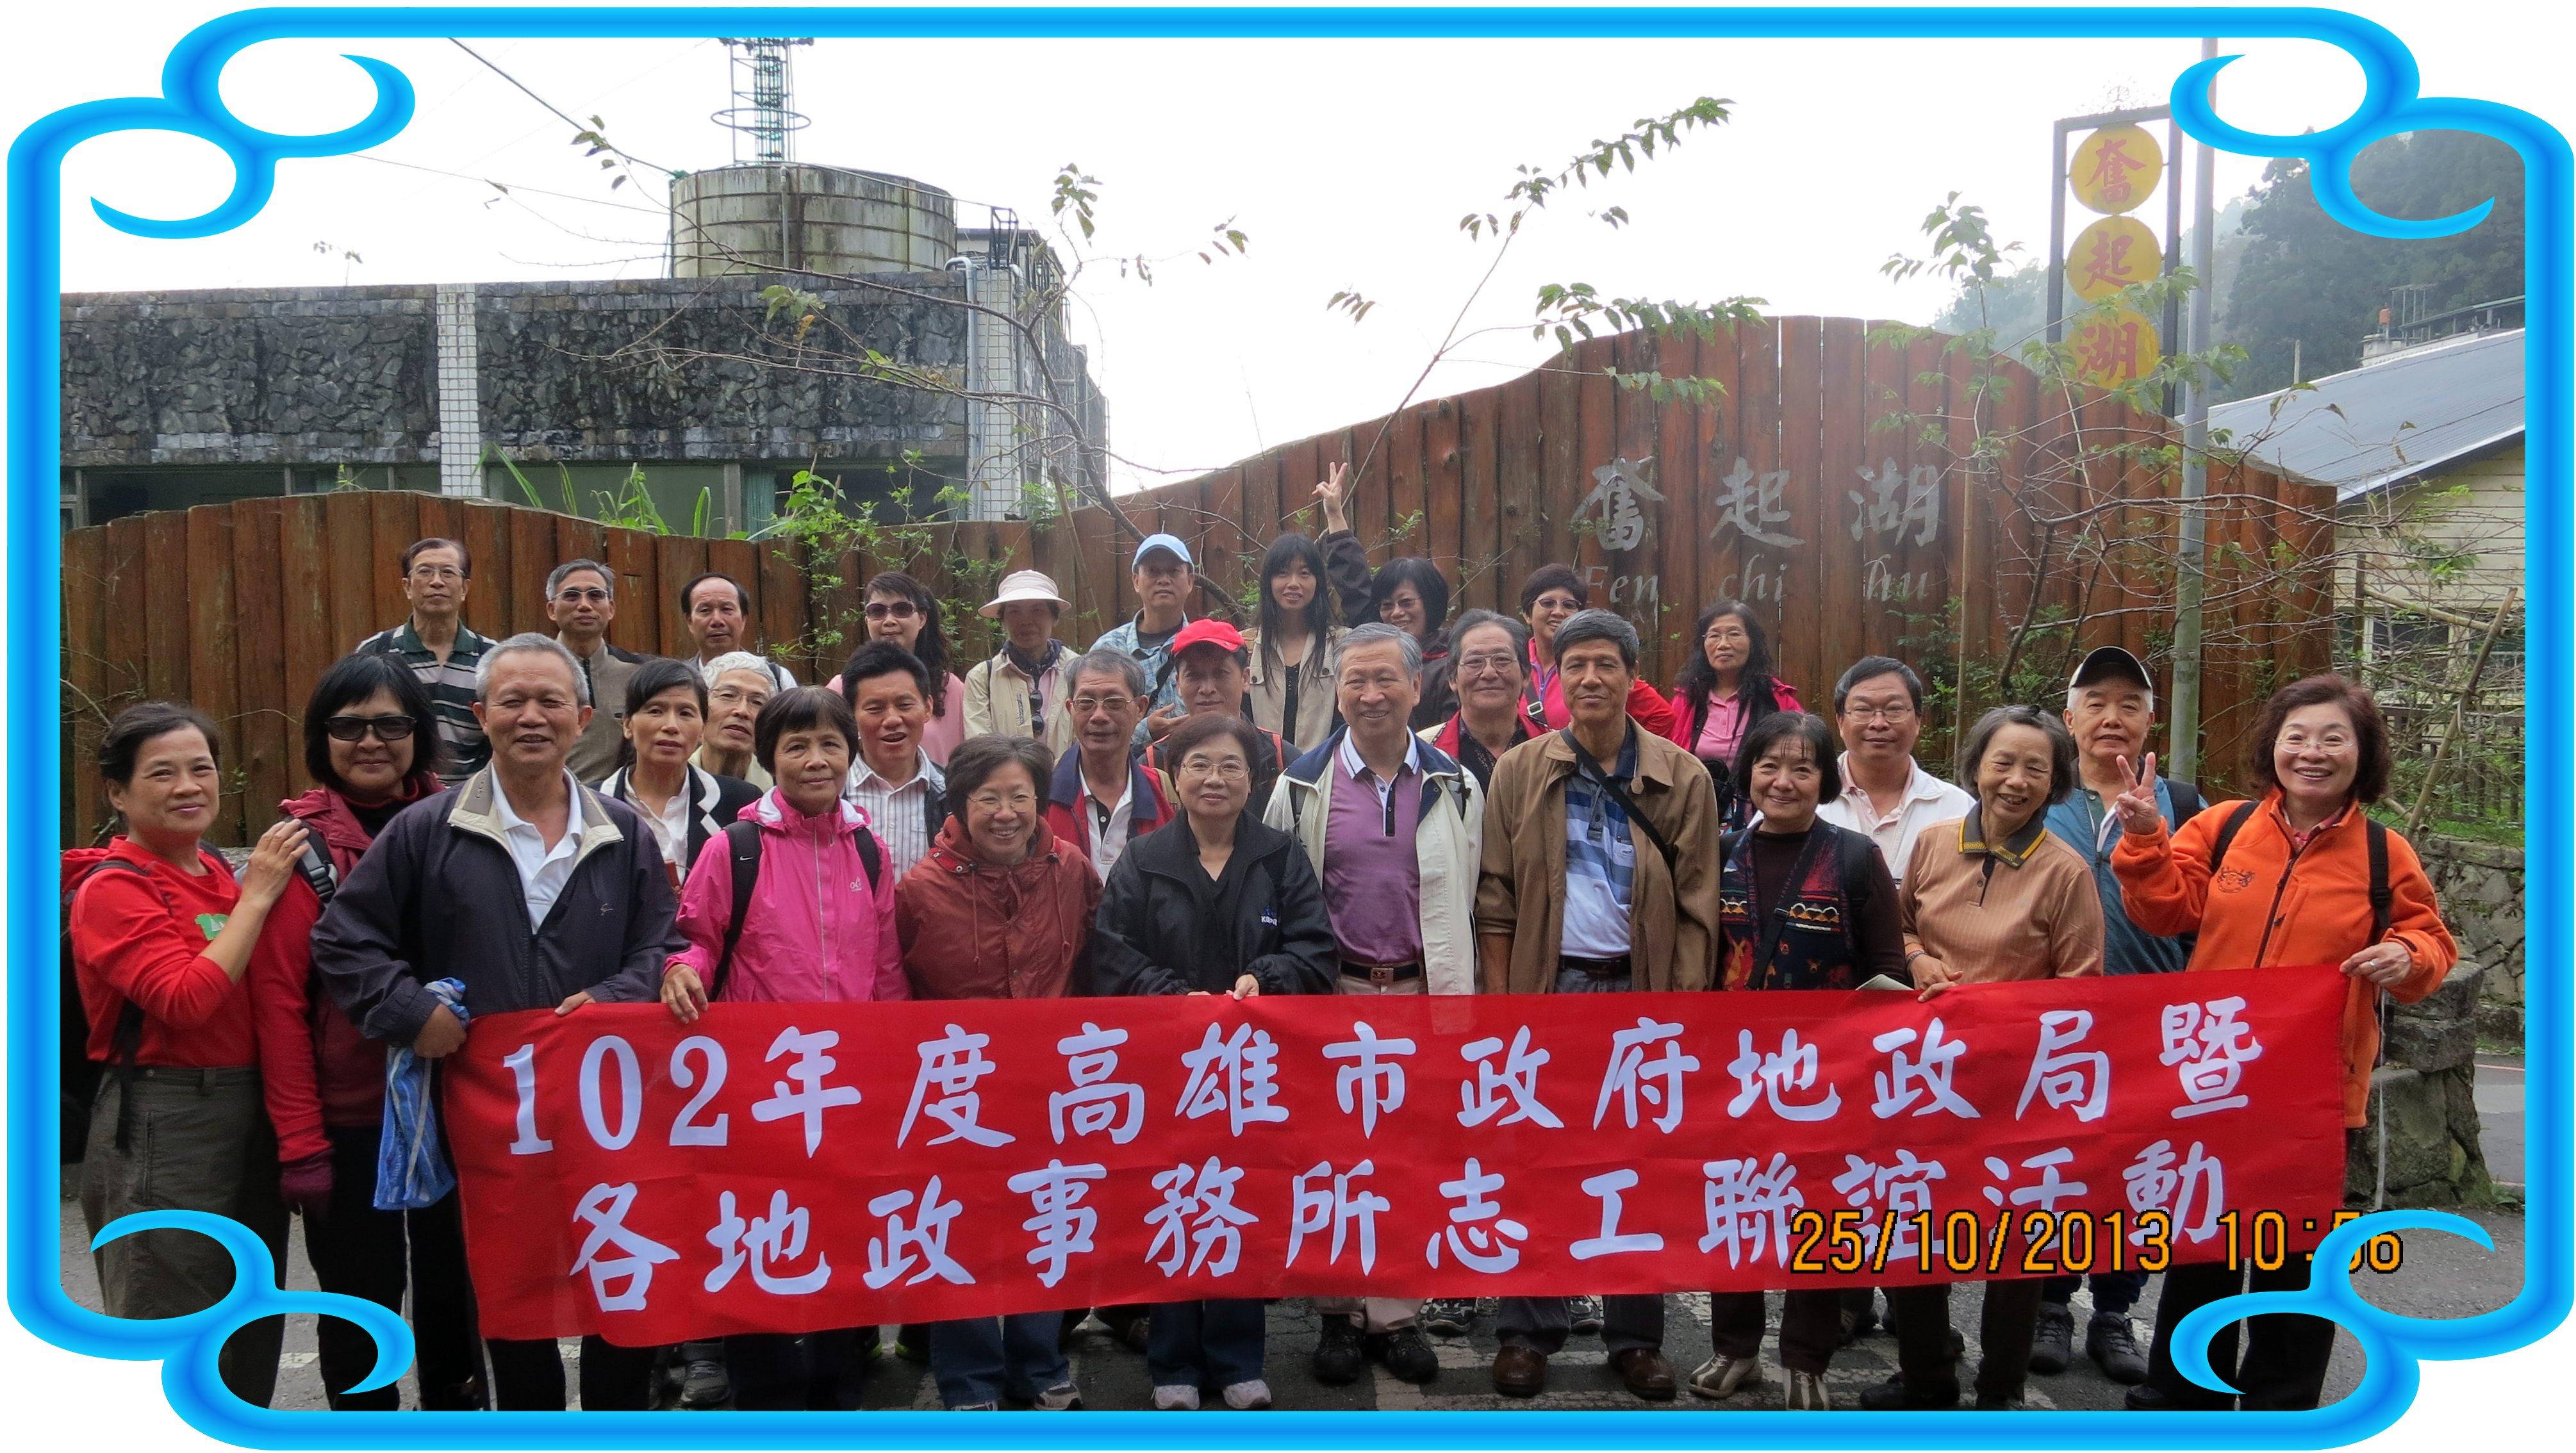 102年志工聯誼活動(奮起湖)